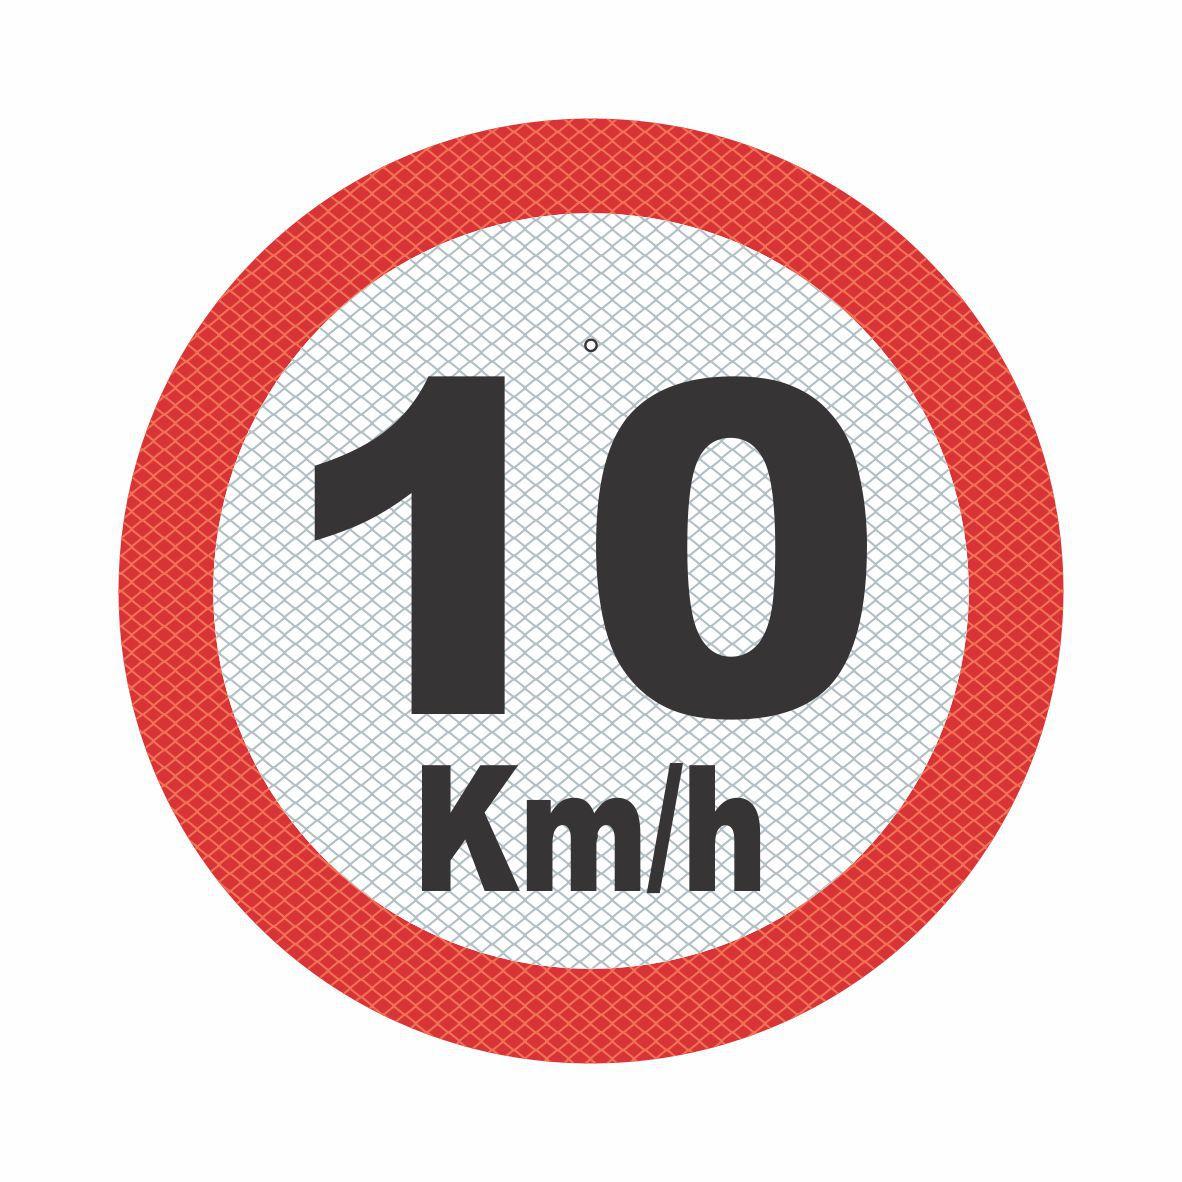 R-19_1 - VELOCIDADE MÁXIMA PERMITIDA - 10 Kmh  - Towbar Sinalização de Segurança